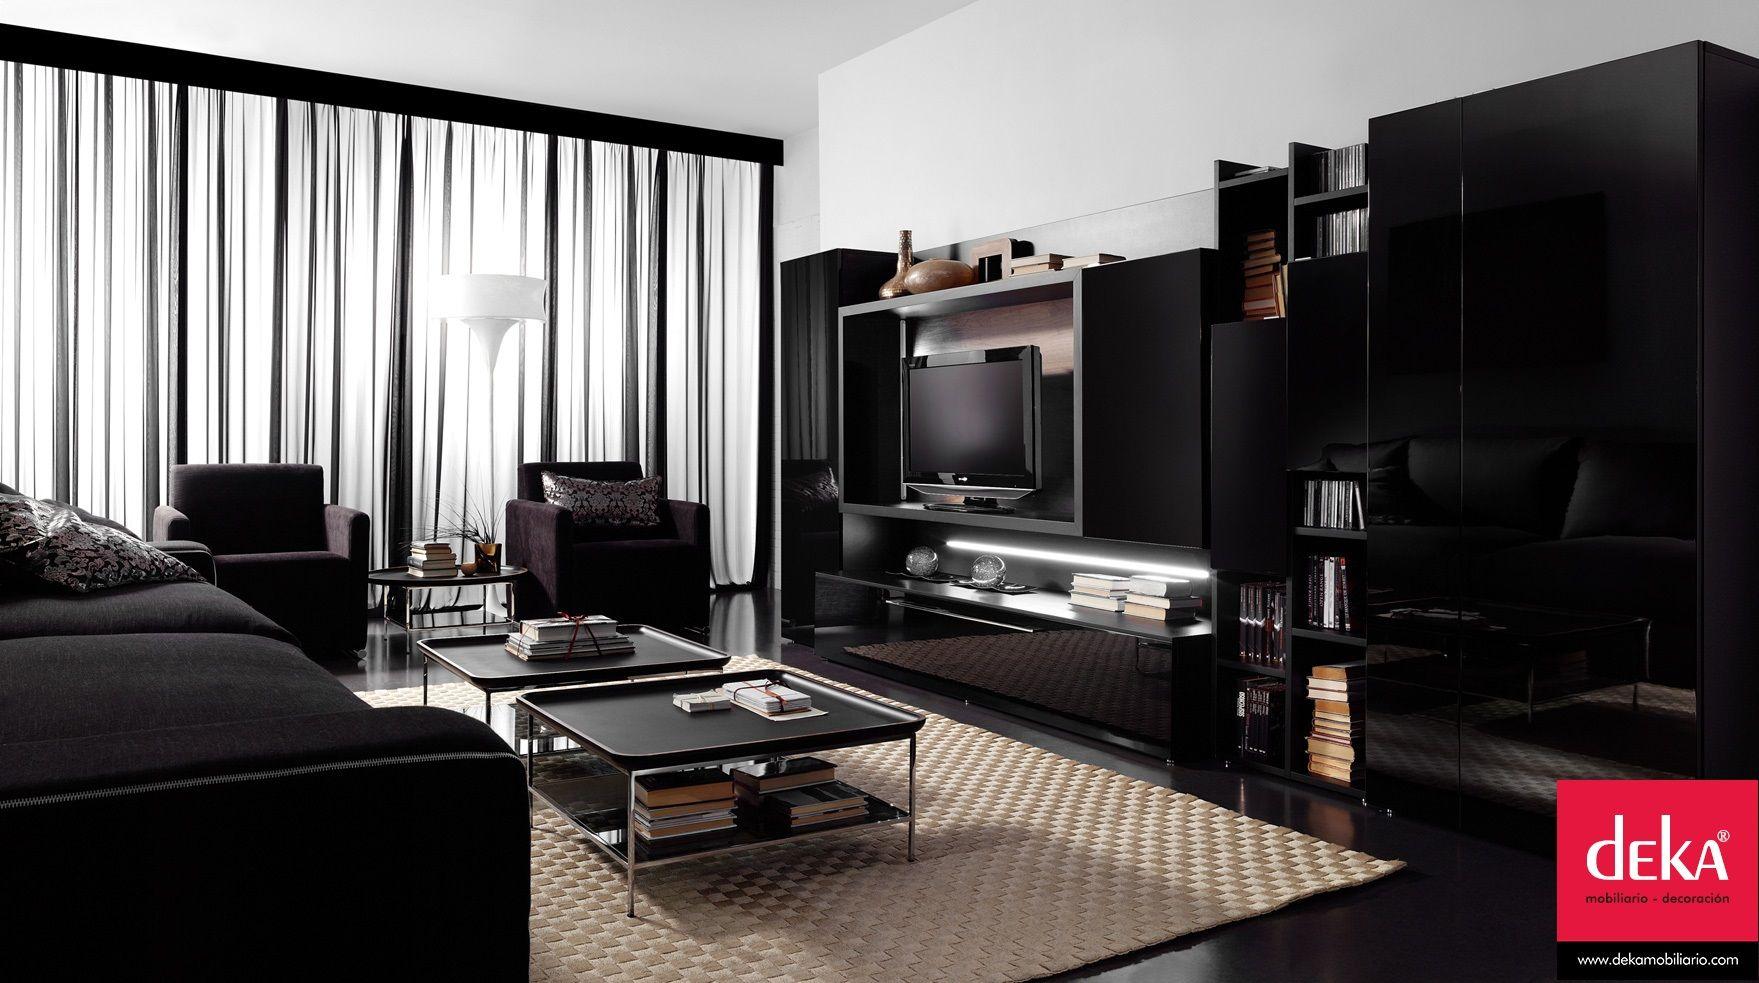 """Acabados en color negro, el toque de elegancia que buscas para tu salón.  Deka """"distinguetedelresto"""""""